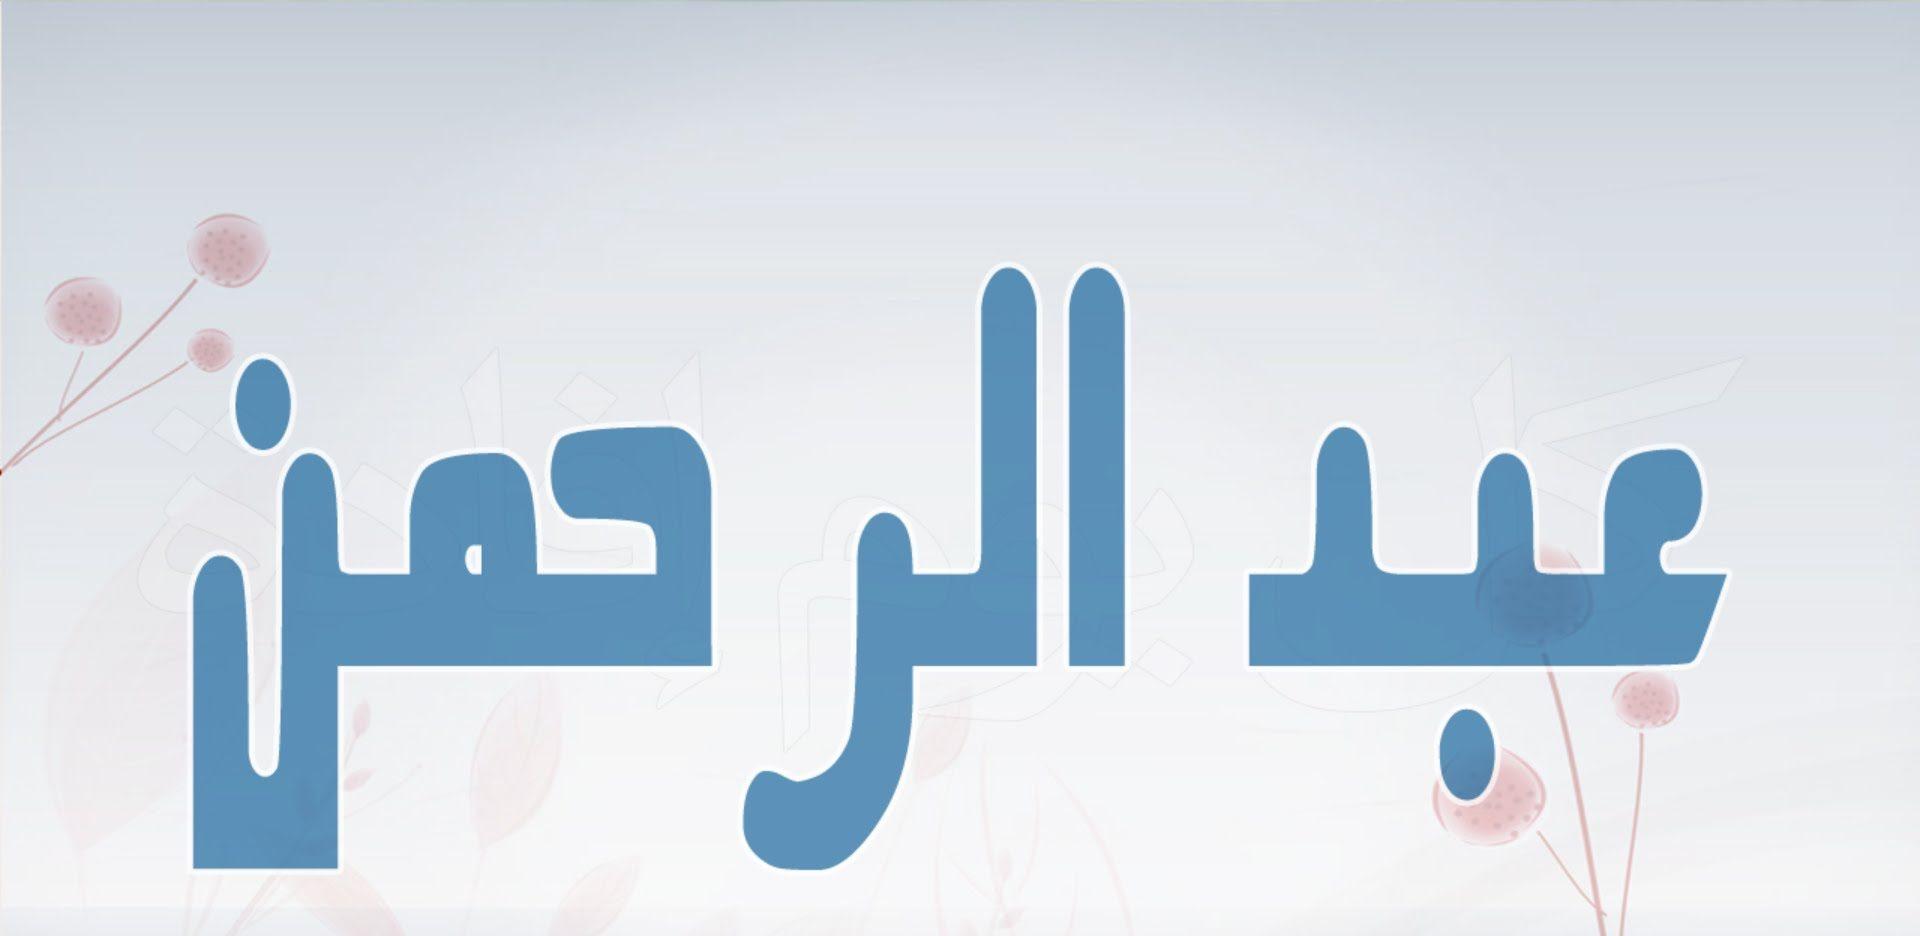 اسم عبد الرحمن